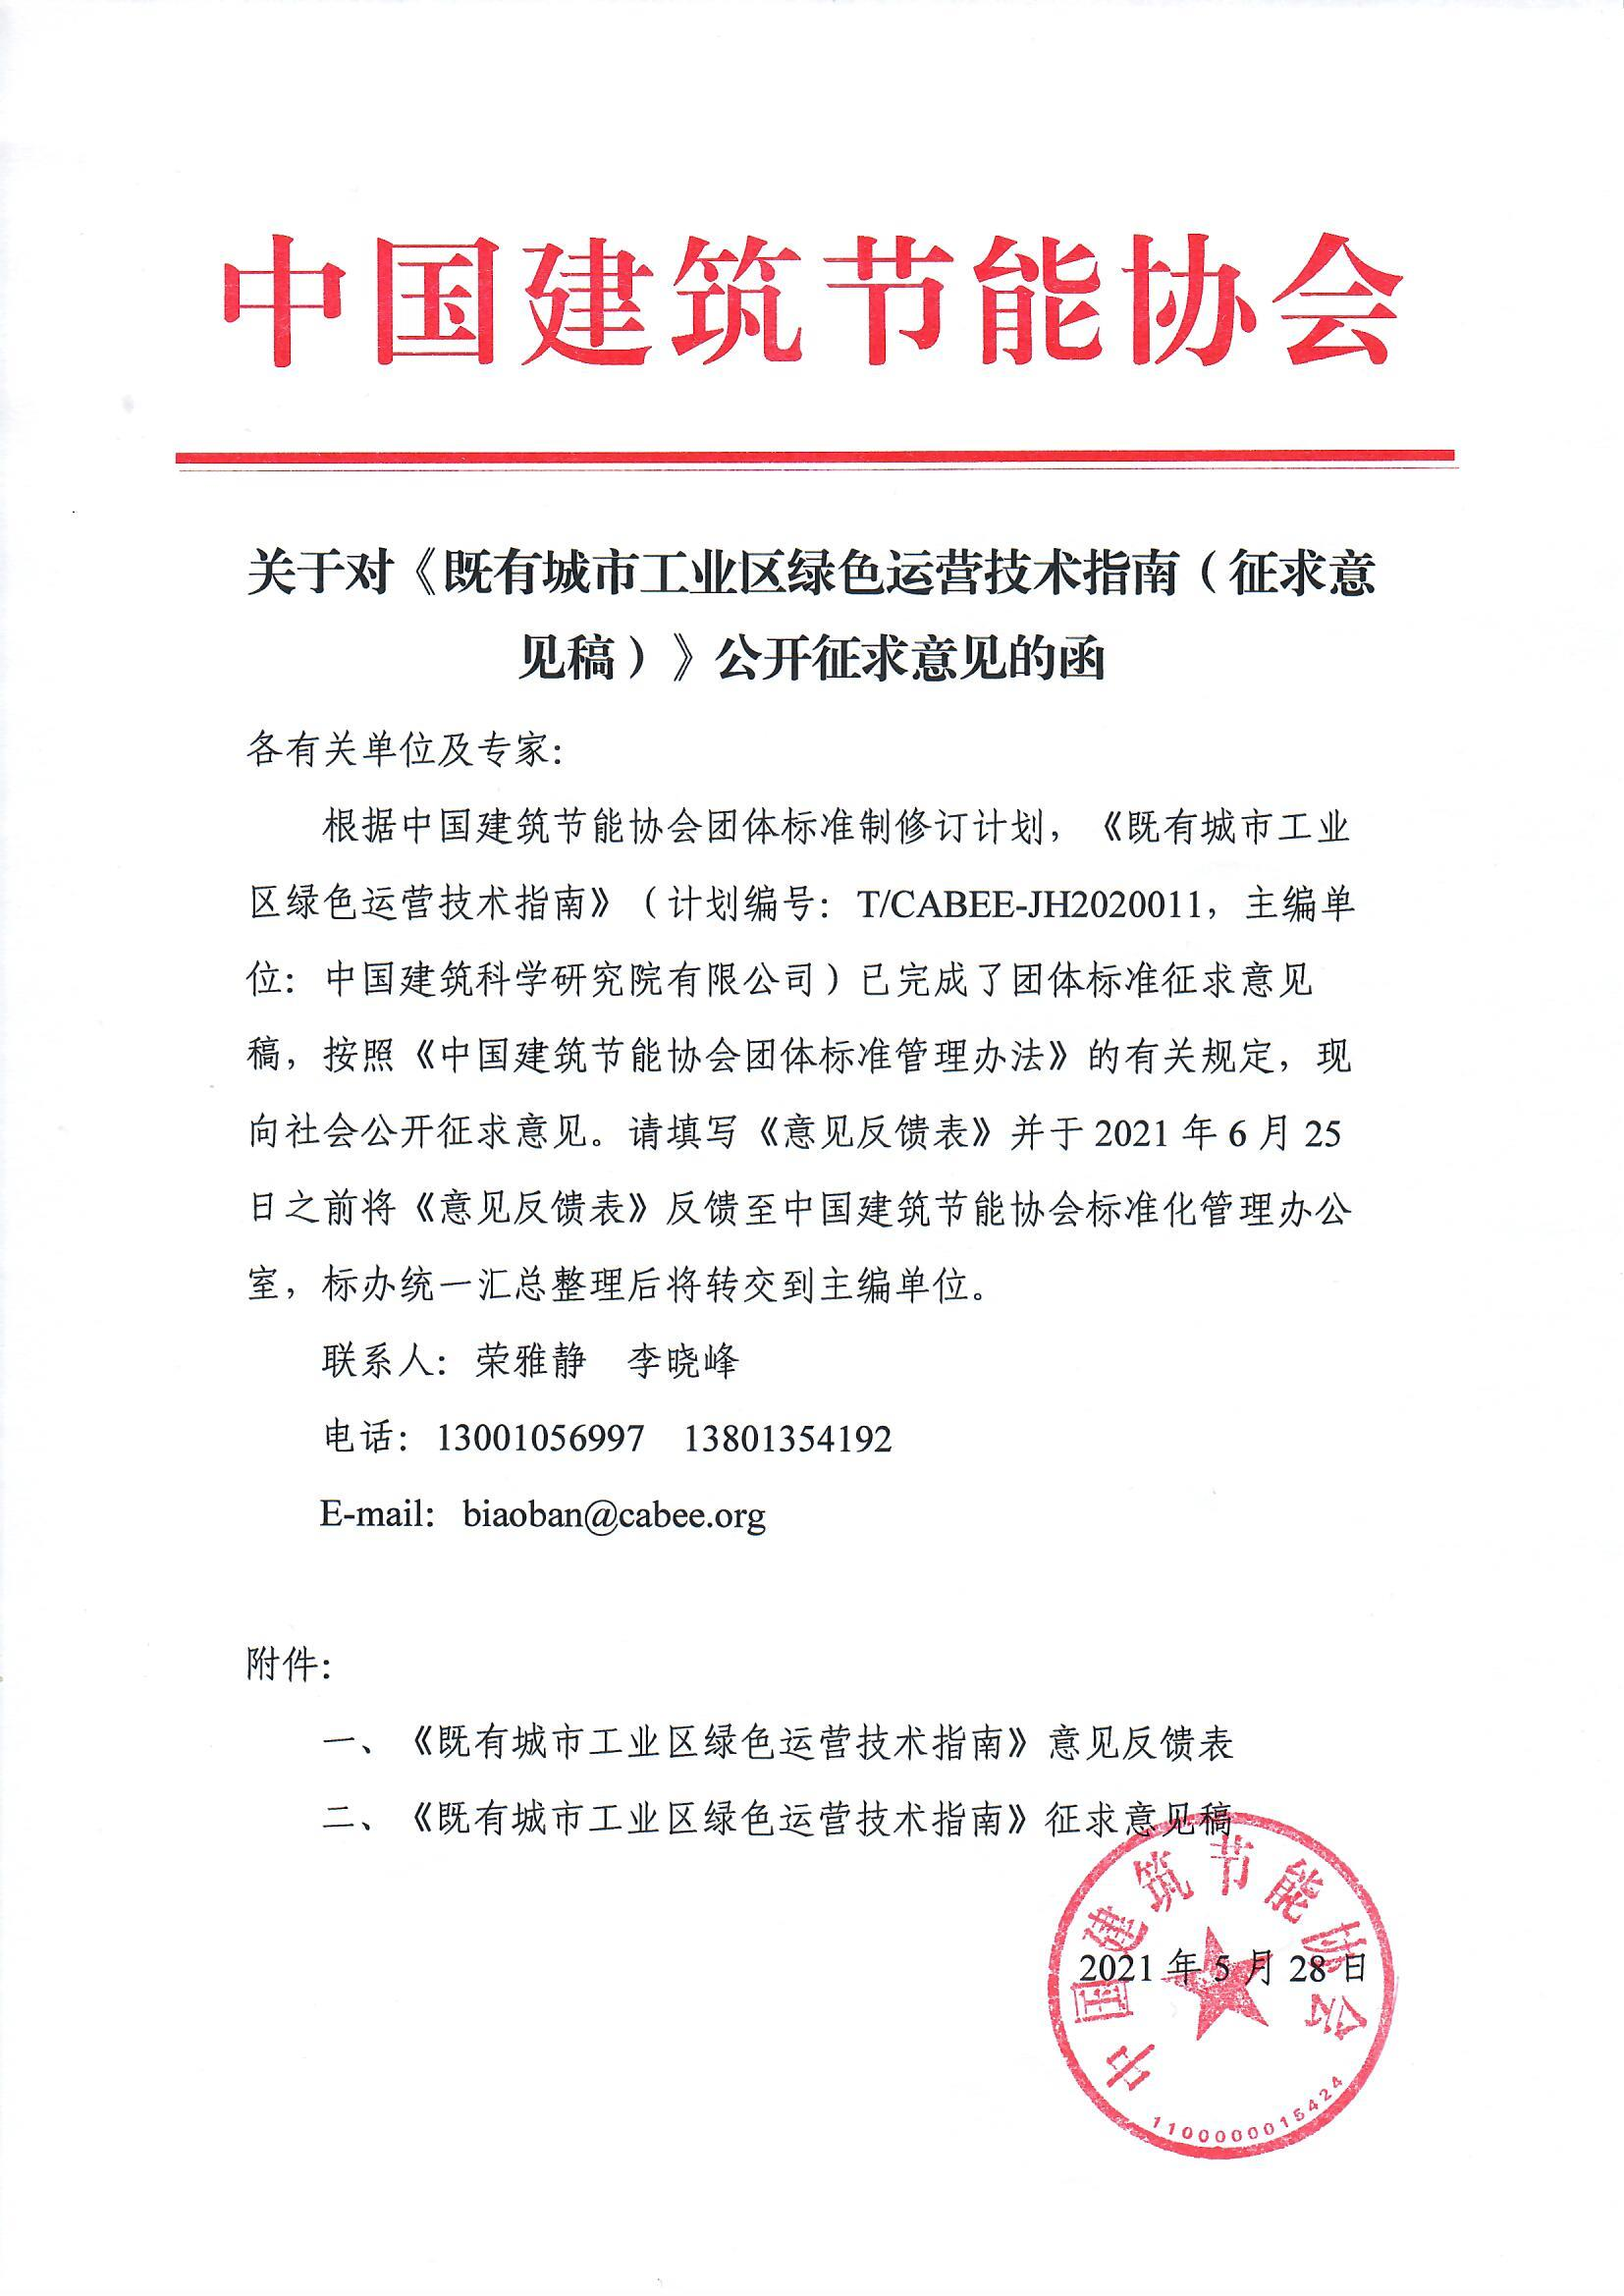 关于对《既有城市工业区绿色运营技术指南(征求意见稿)》公开征求意见的函.jpg